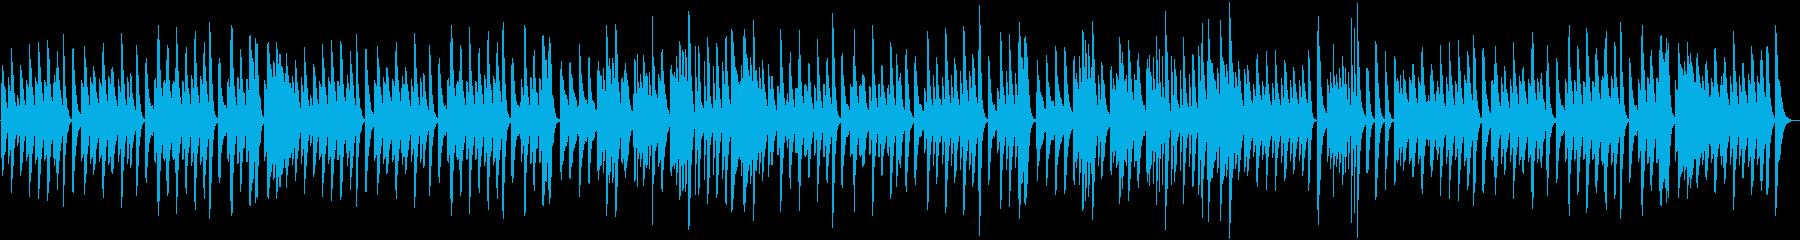 クッキング動画に♪軽快朗らかピアノBGMの再生済みの波形